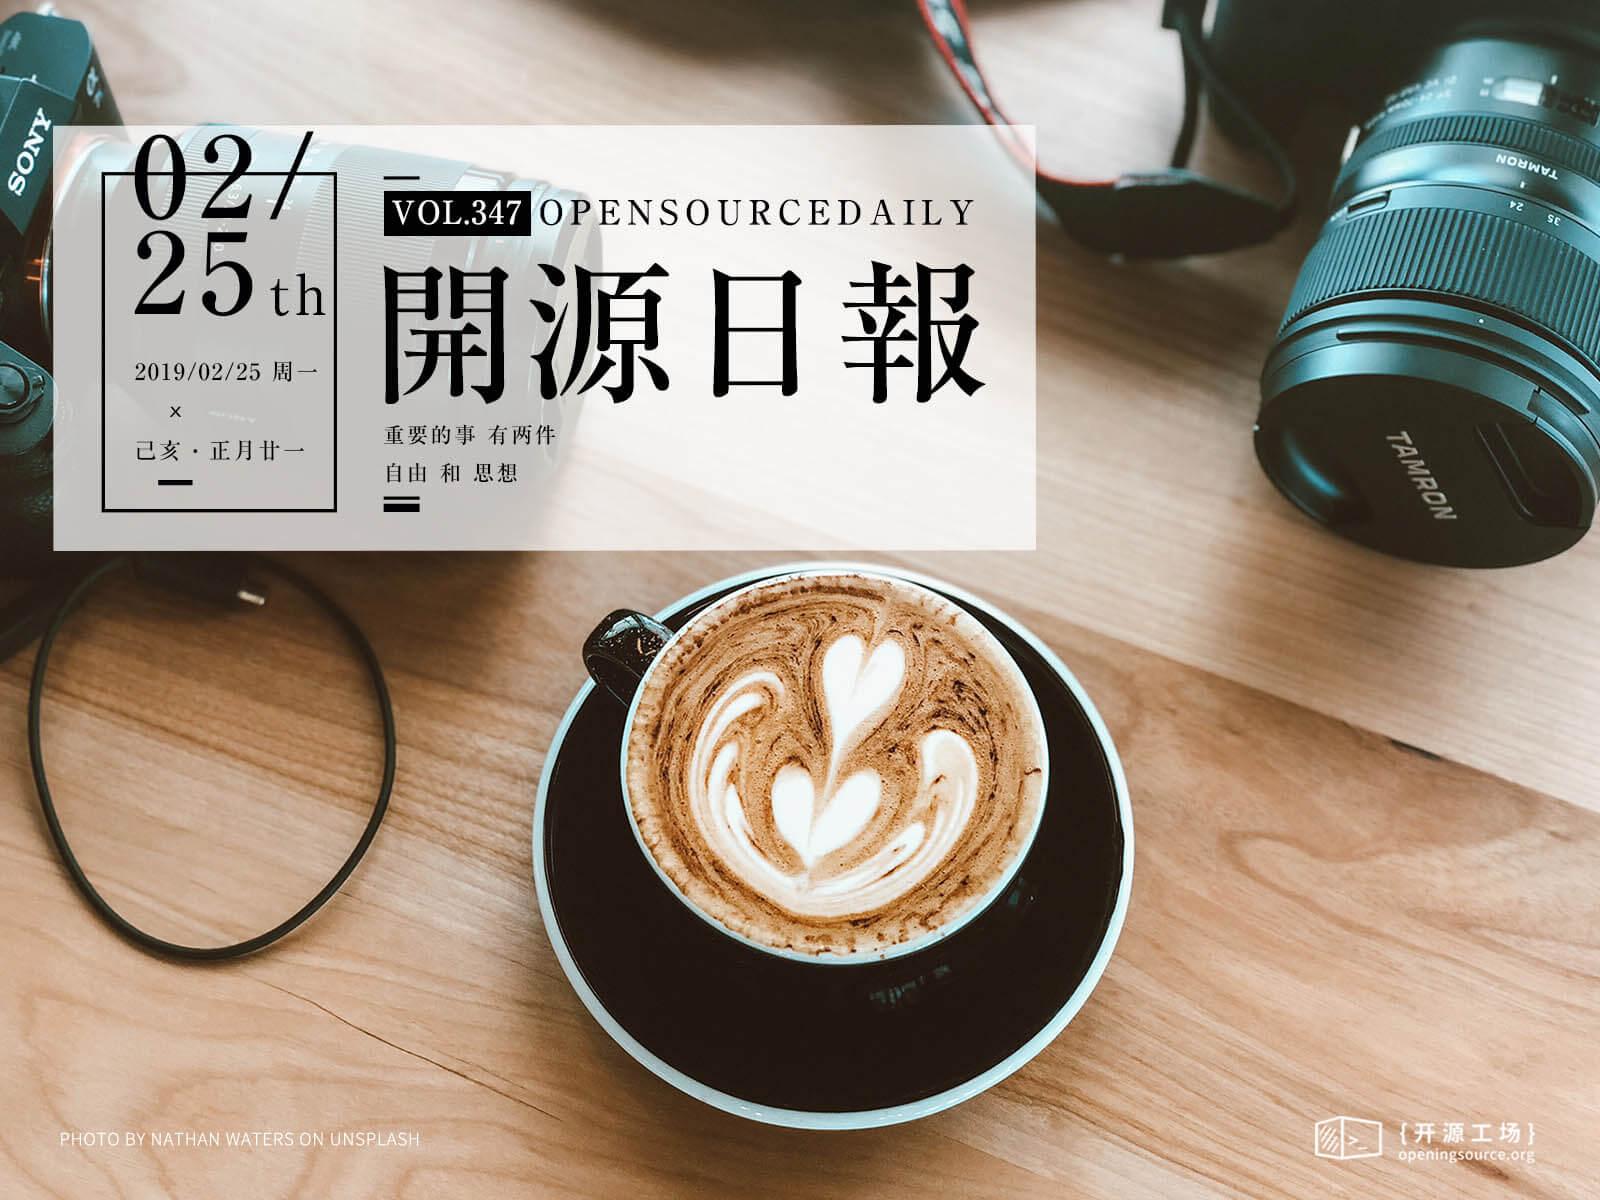 2019年2月25日:开源日报第347期